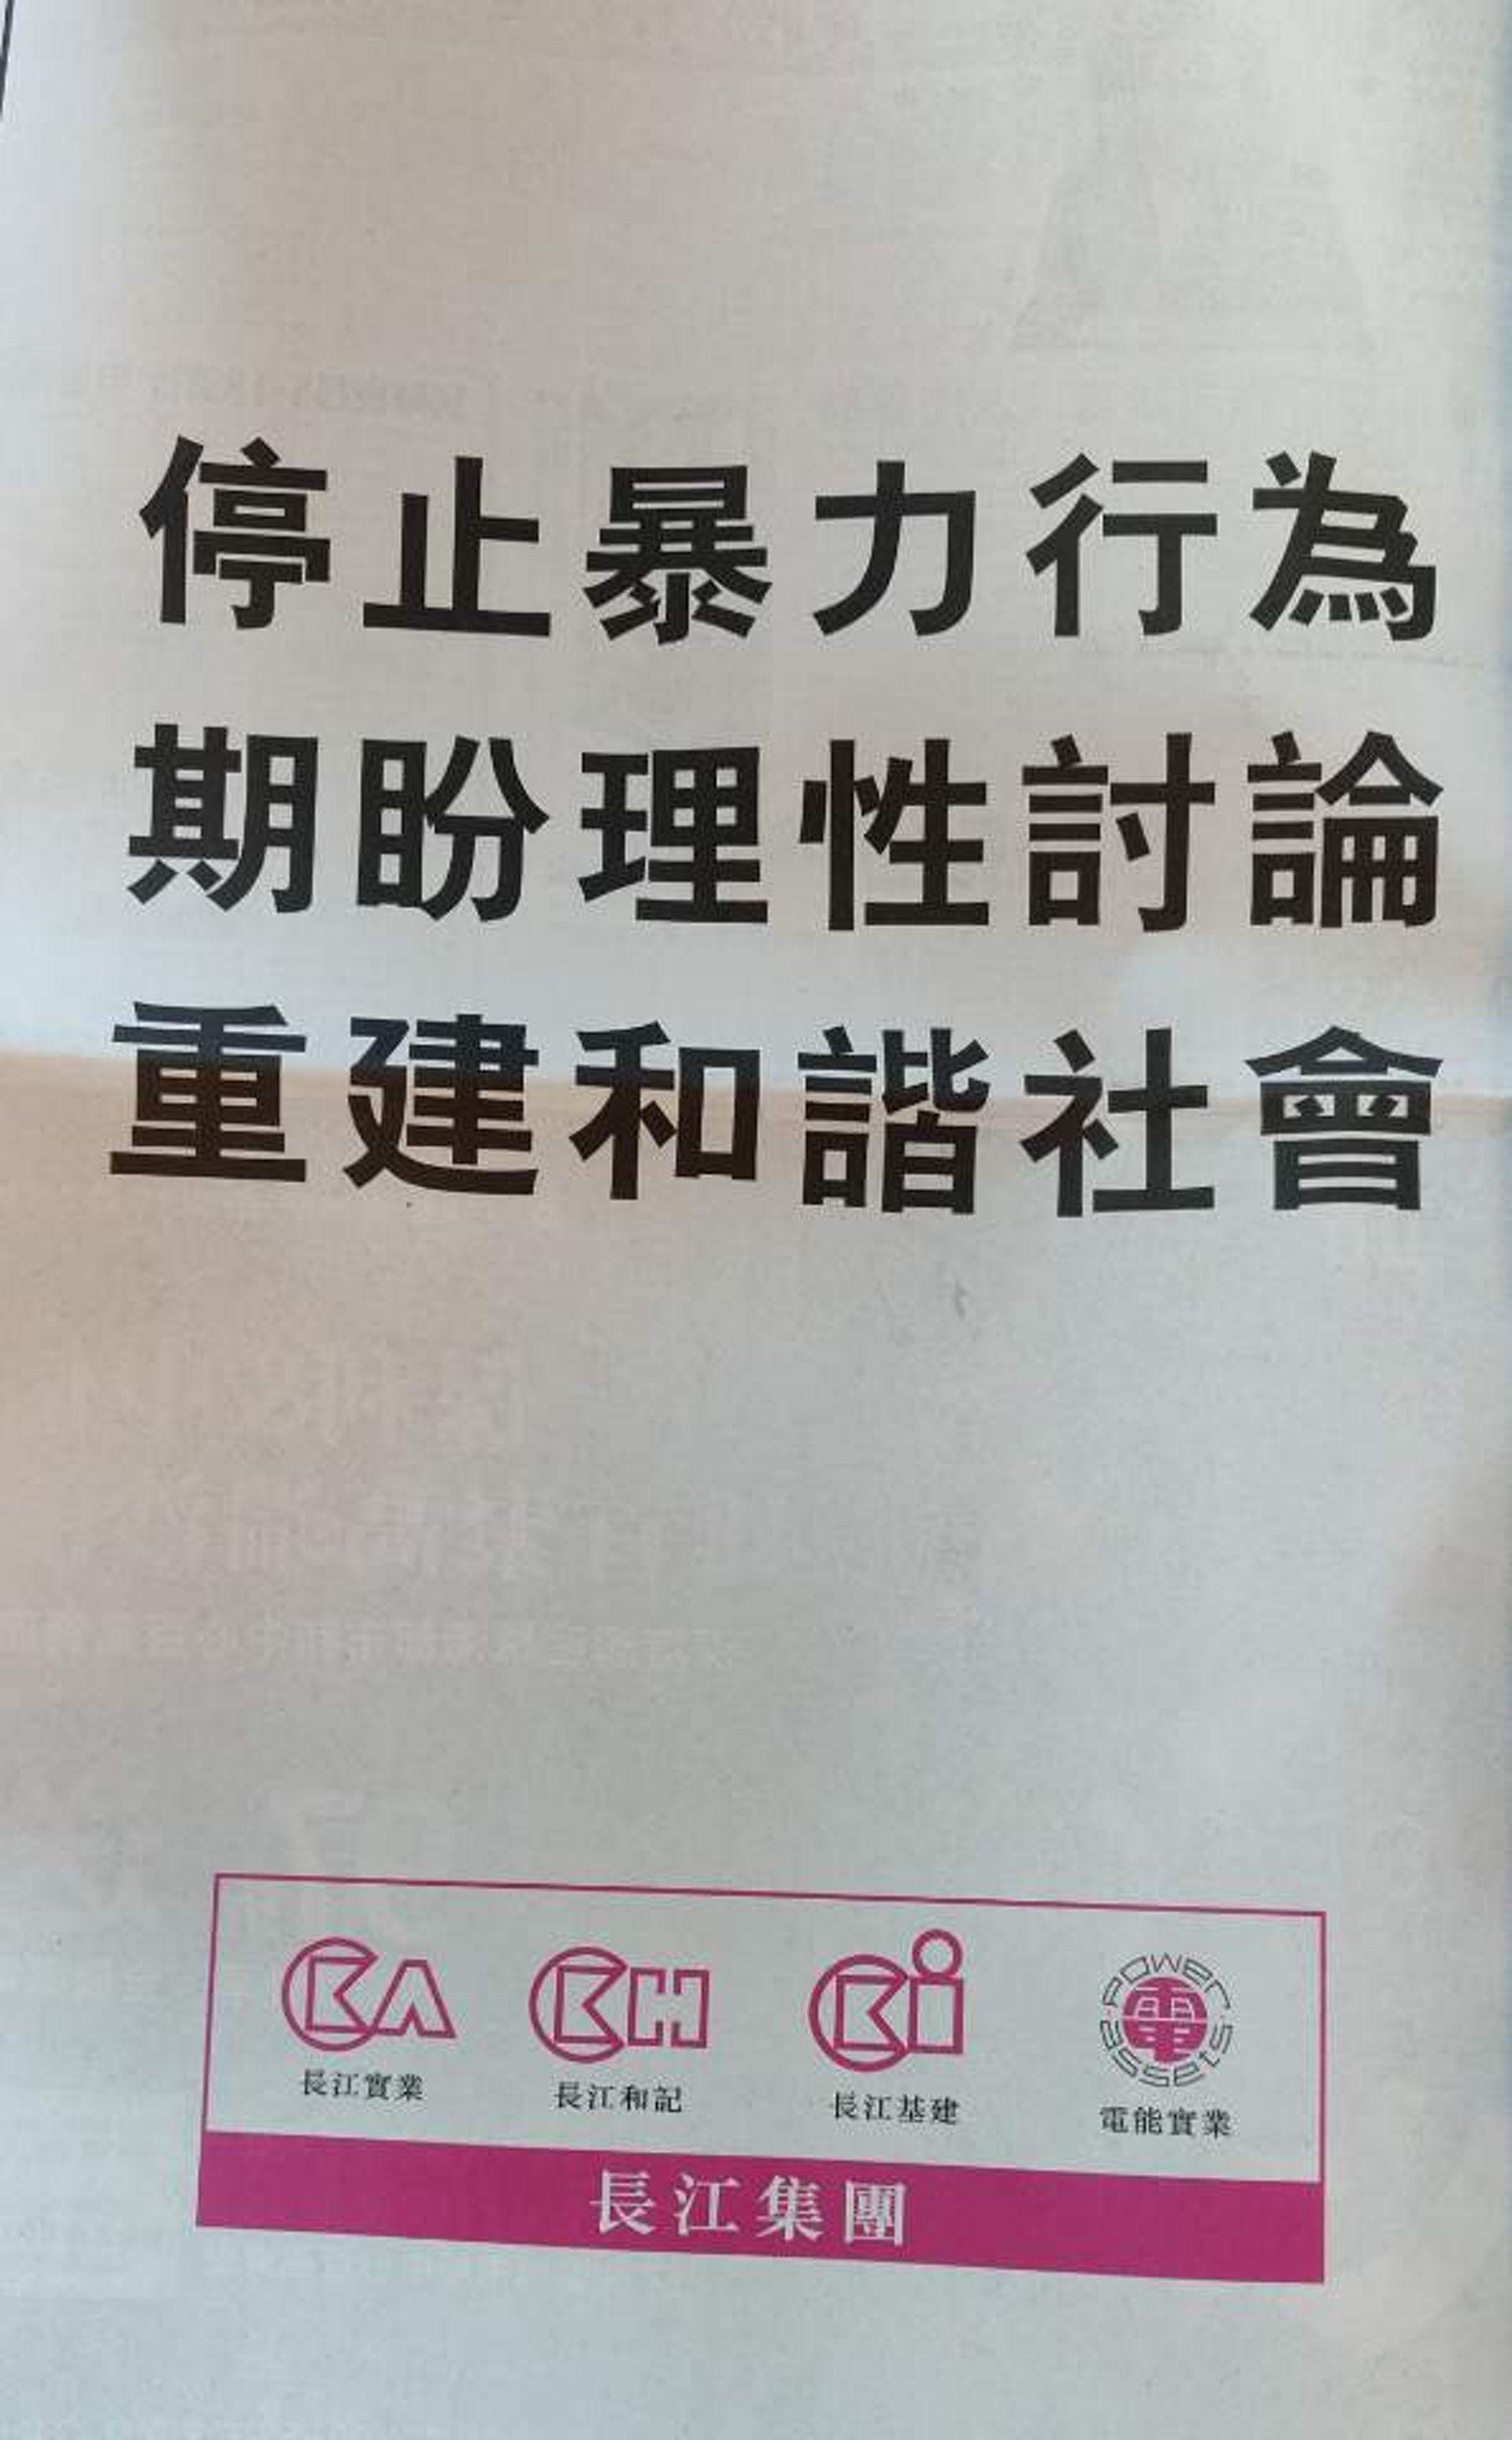 极端分子在机场围攻记者、旅客 香港各界谴责暴行